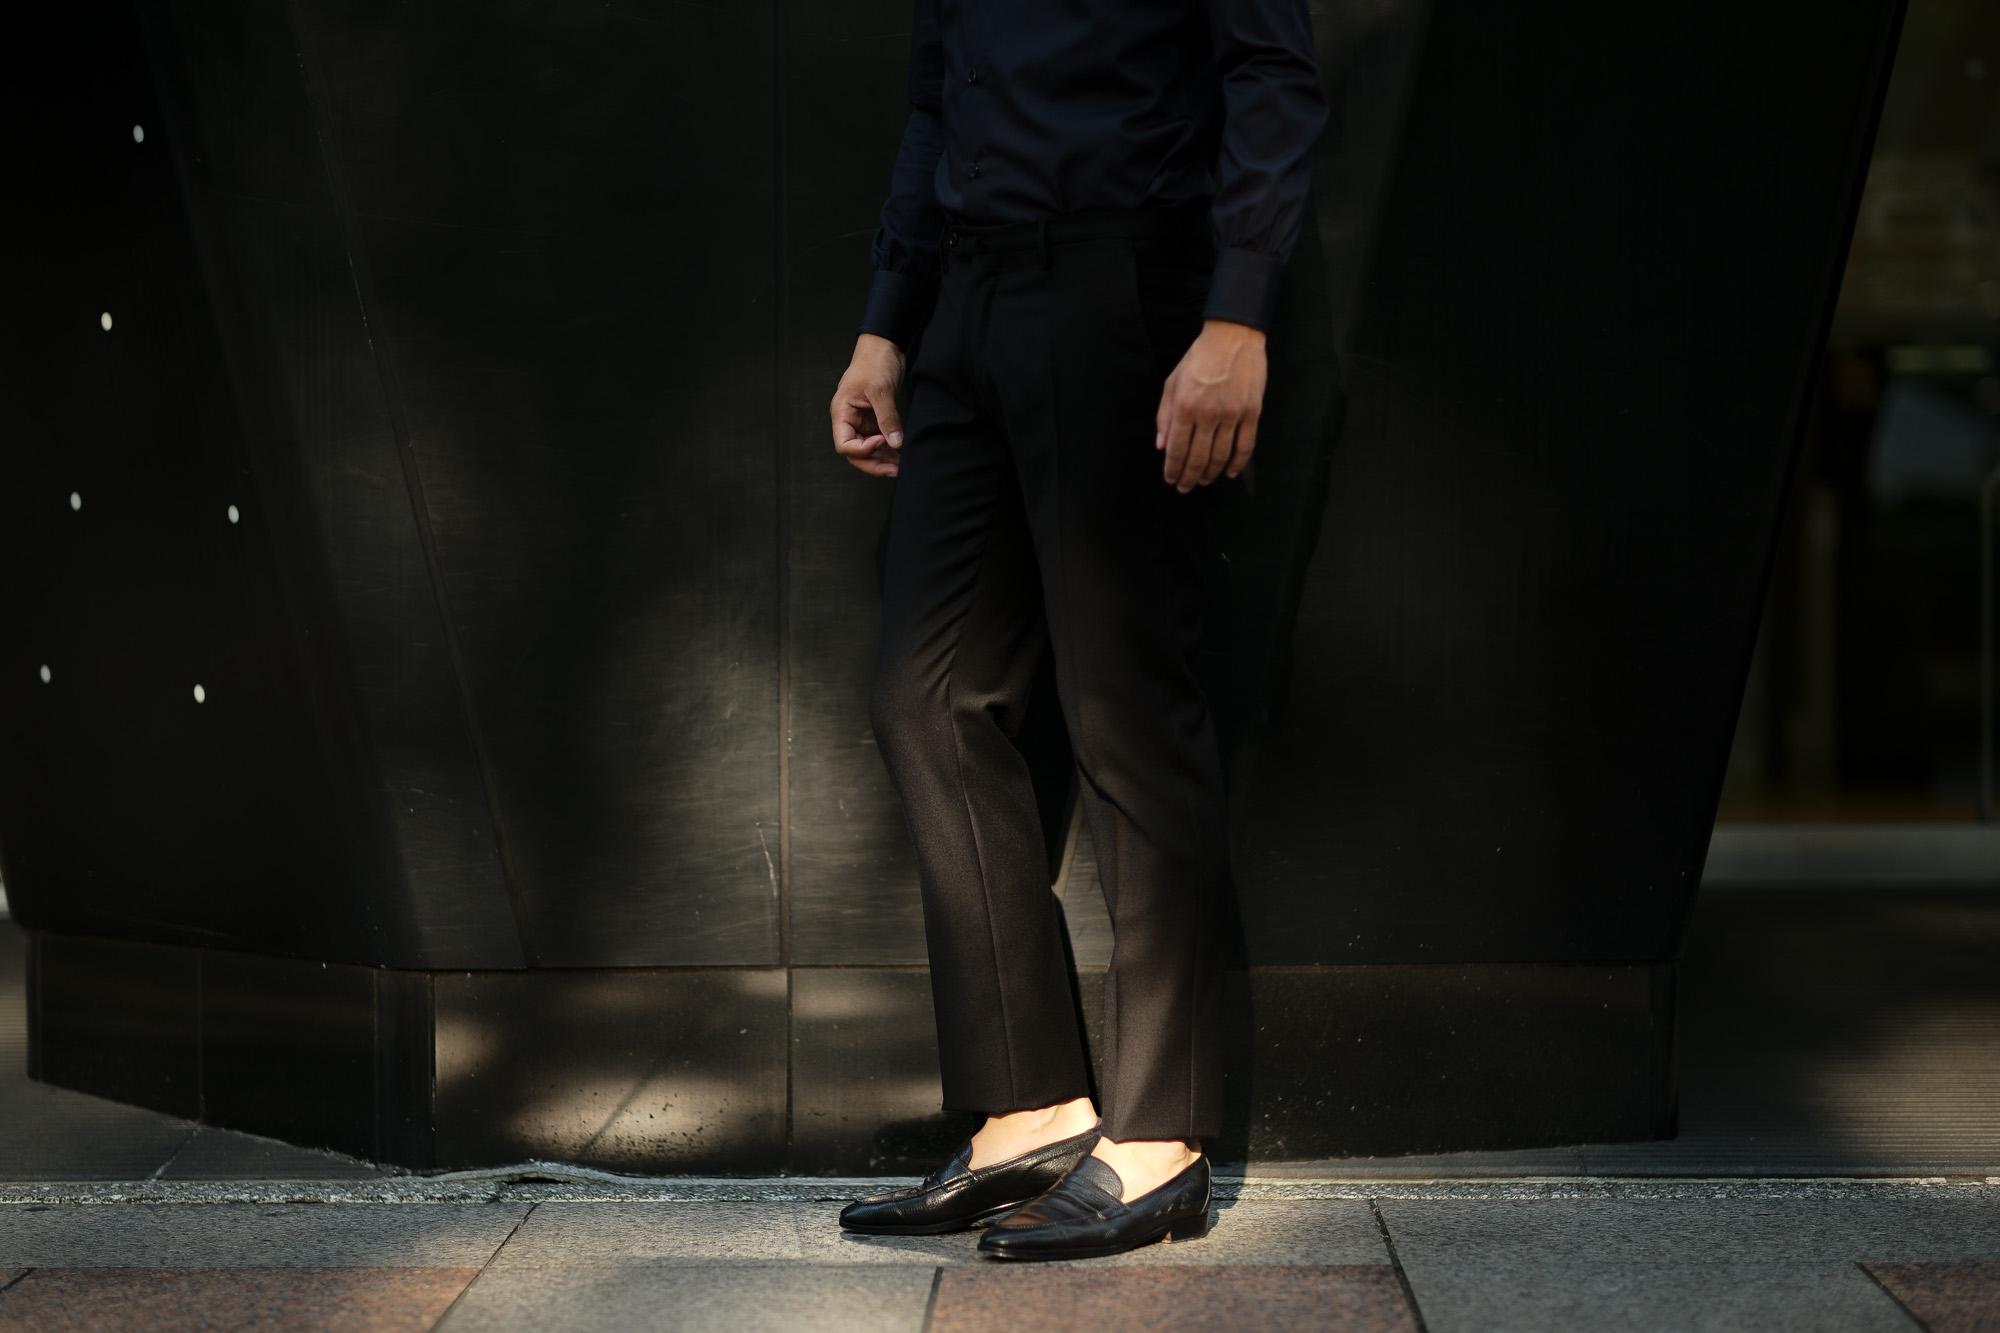 INCOTEX (インコテックス) N35 SLIM FIT (1NT035) SUPER 100'S WORSTED FLANNEL フランネル ウール スラックス BLACK (ブラック・990) 2019 秋冬新作 愛知 名古屋 altoediritto アルトエデリット